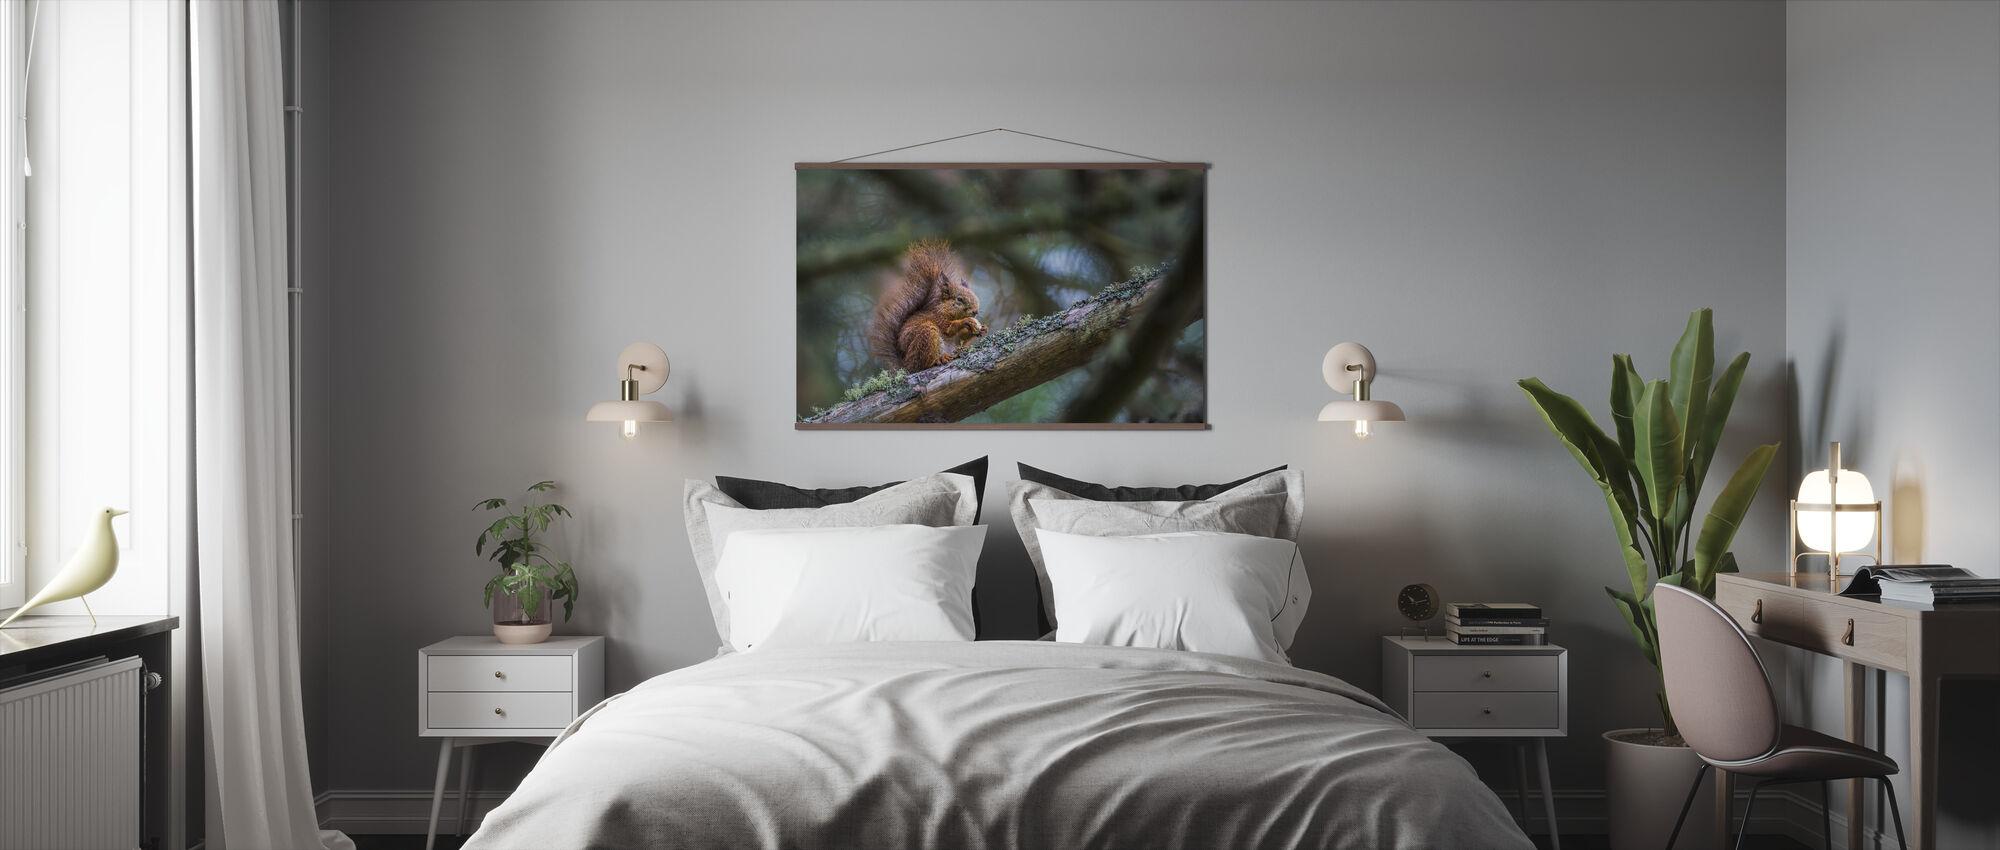 Squirrel - Poster - Bedroom